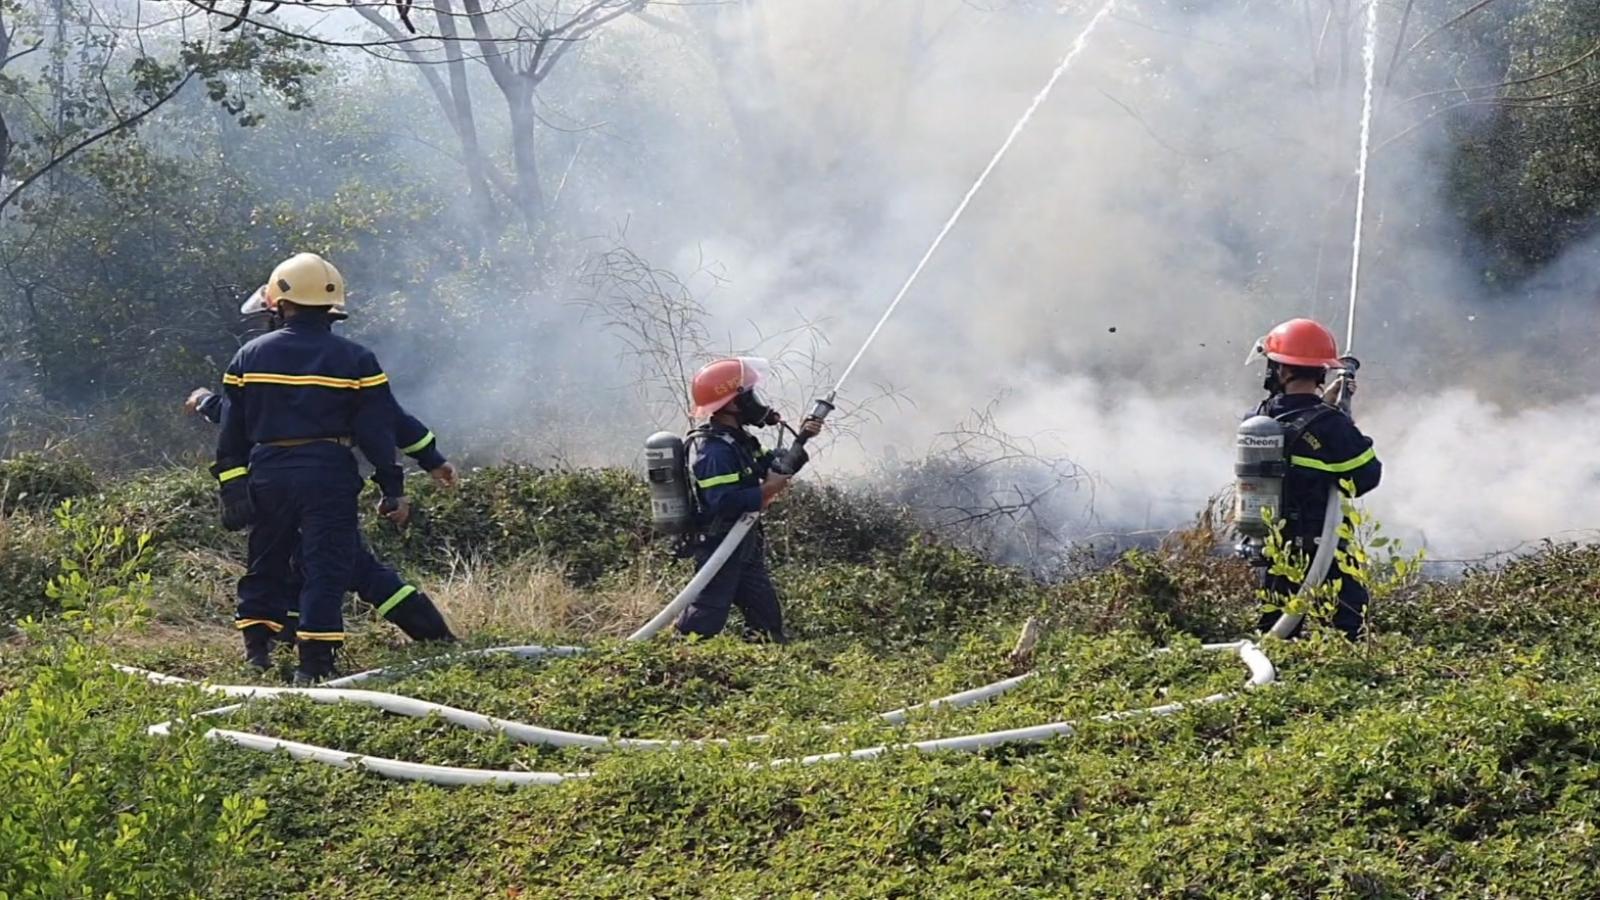 Vườn chim Bạc Liêu ở mức cảnh báo cháy cấp 5, cấp cực kỳ nguy hiểm